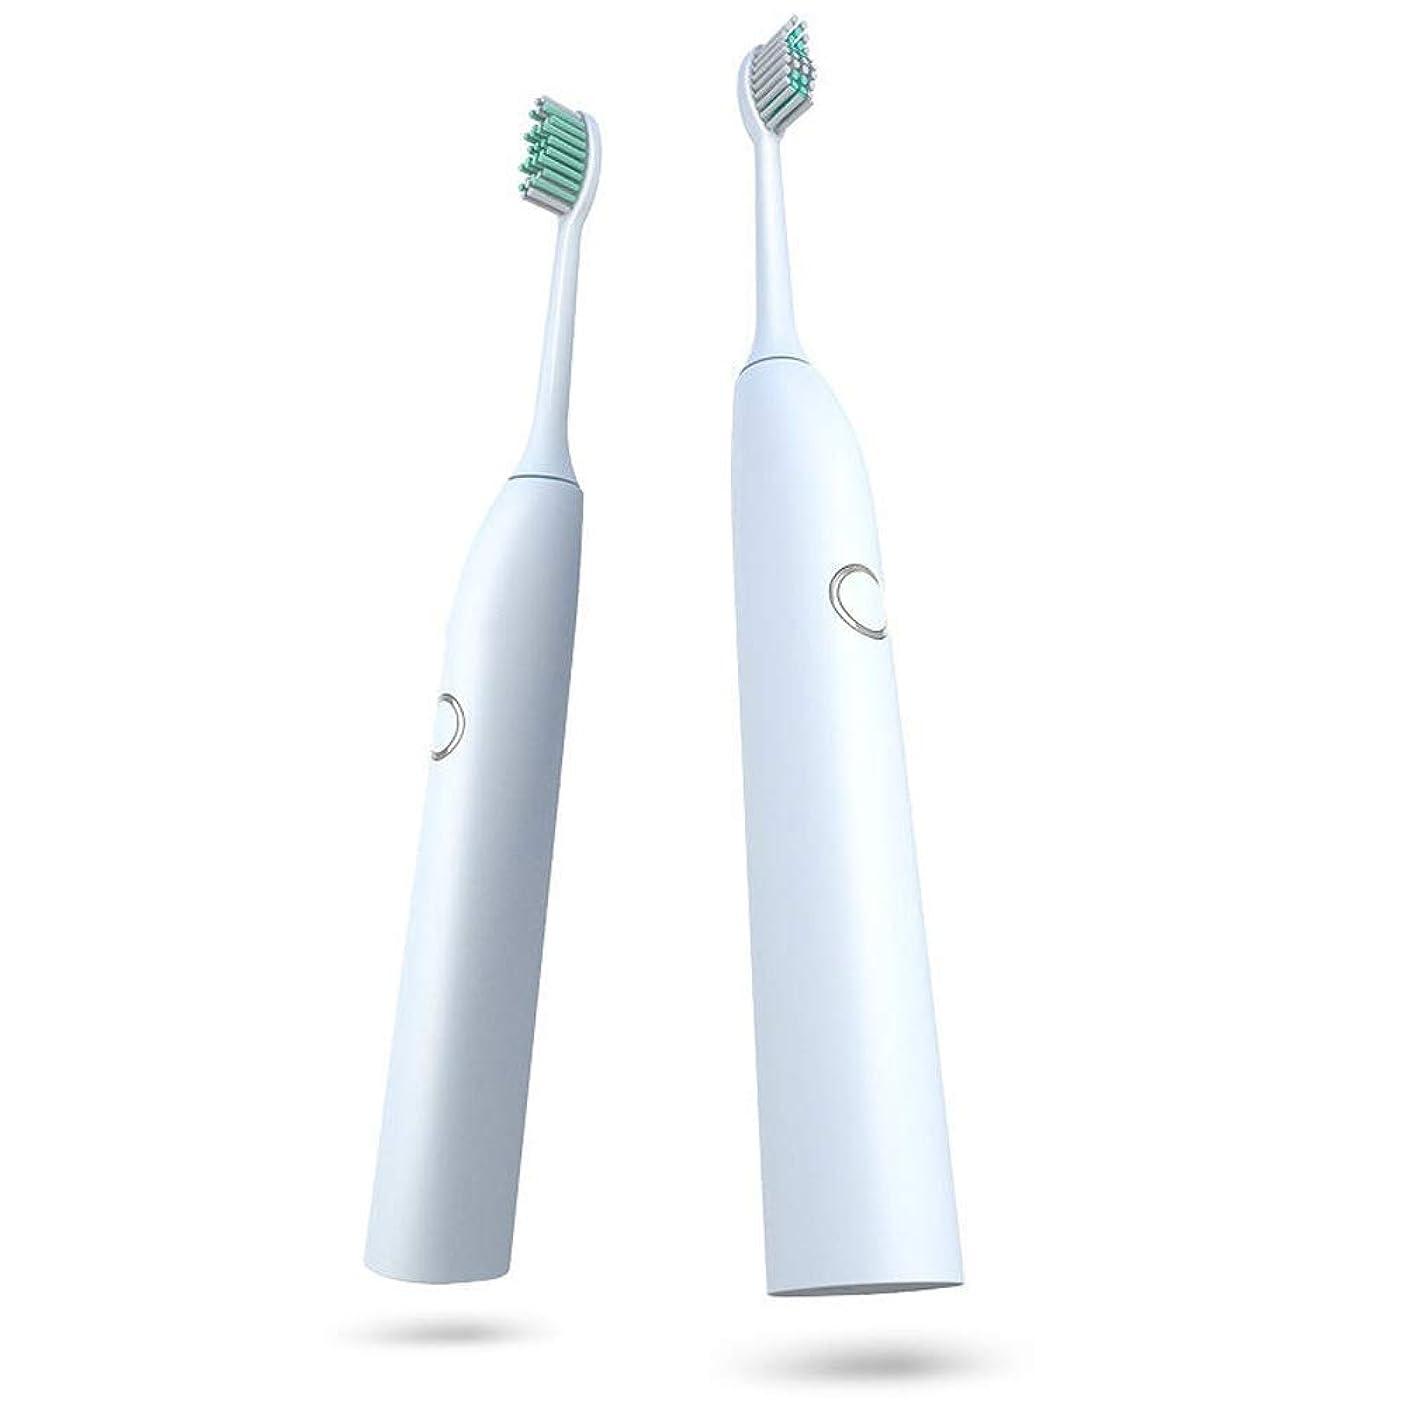 起業家根絶する形容詞電動歯ブラシ 電動歯ブラシやわらかい歯ブラシきれいなホワイトニング歯科医推奨防水USB充電式 (色 : 白, サイズ : Free size)